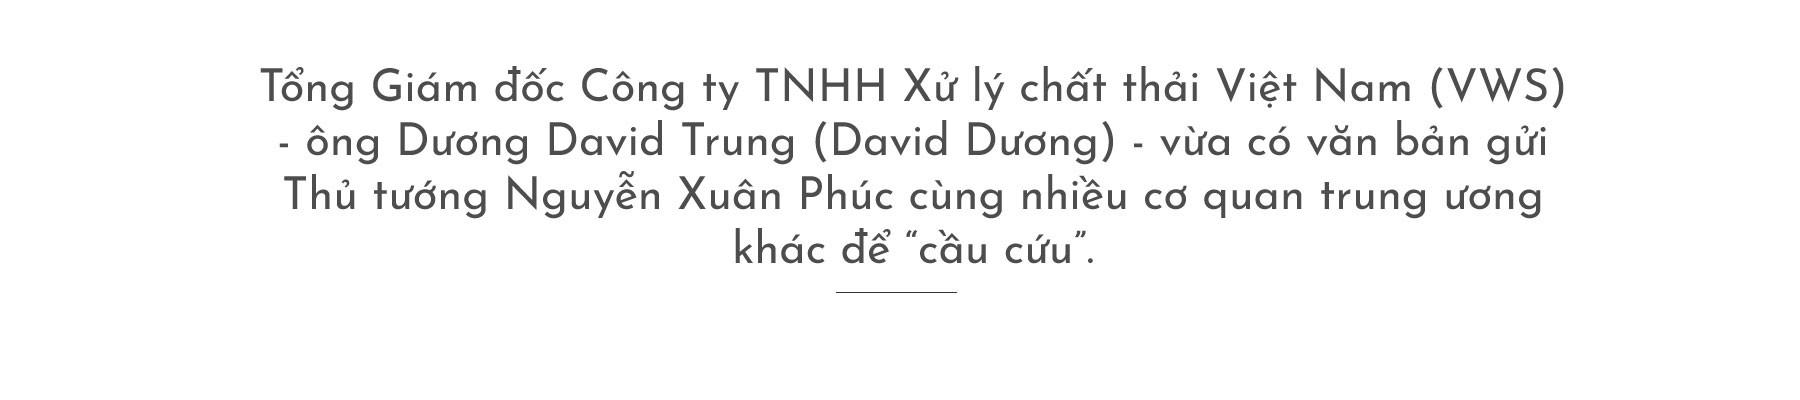 """(eMagazine) - Vì sao """"vua rác"""" David Dương cầu cứu Thủ tướng? - Ảnh 1."""